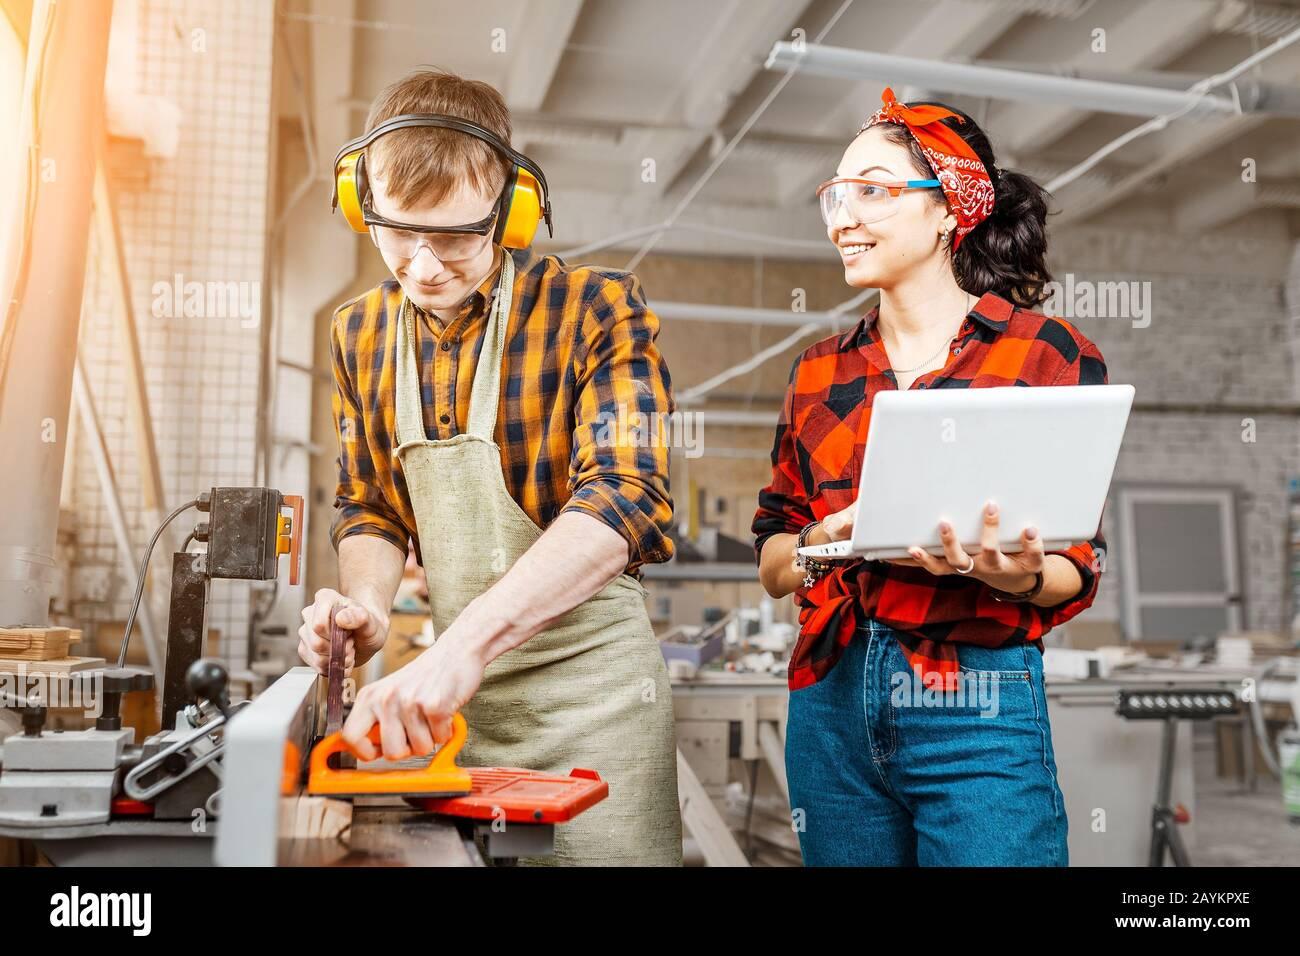 Mujer asiática con un ordenador portátil y un hombre con una sierra circular trabajando en una fábrica o taller Foto de stock